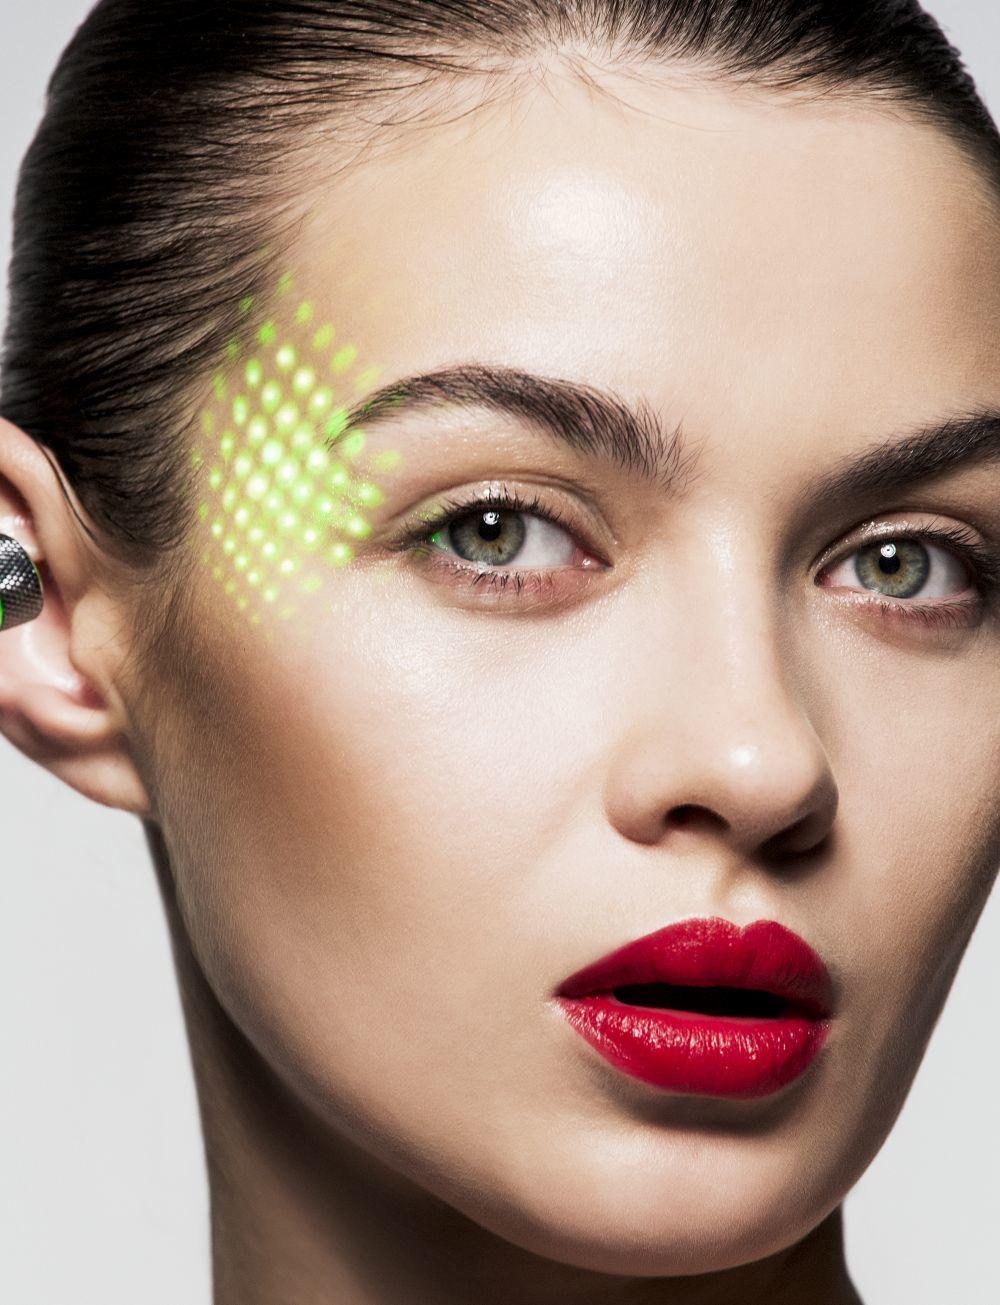 El láser de luz pulsada consigue enfriar mejor la piel y debes siempre elegir un láser médico de calidad y que sea llevado a cabo por profesionales médicos.